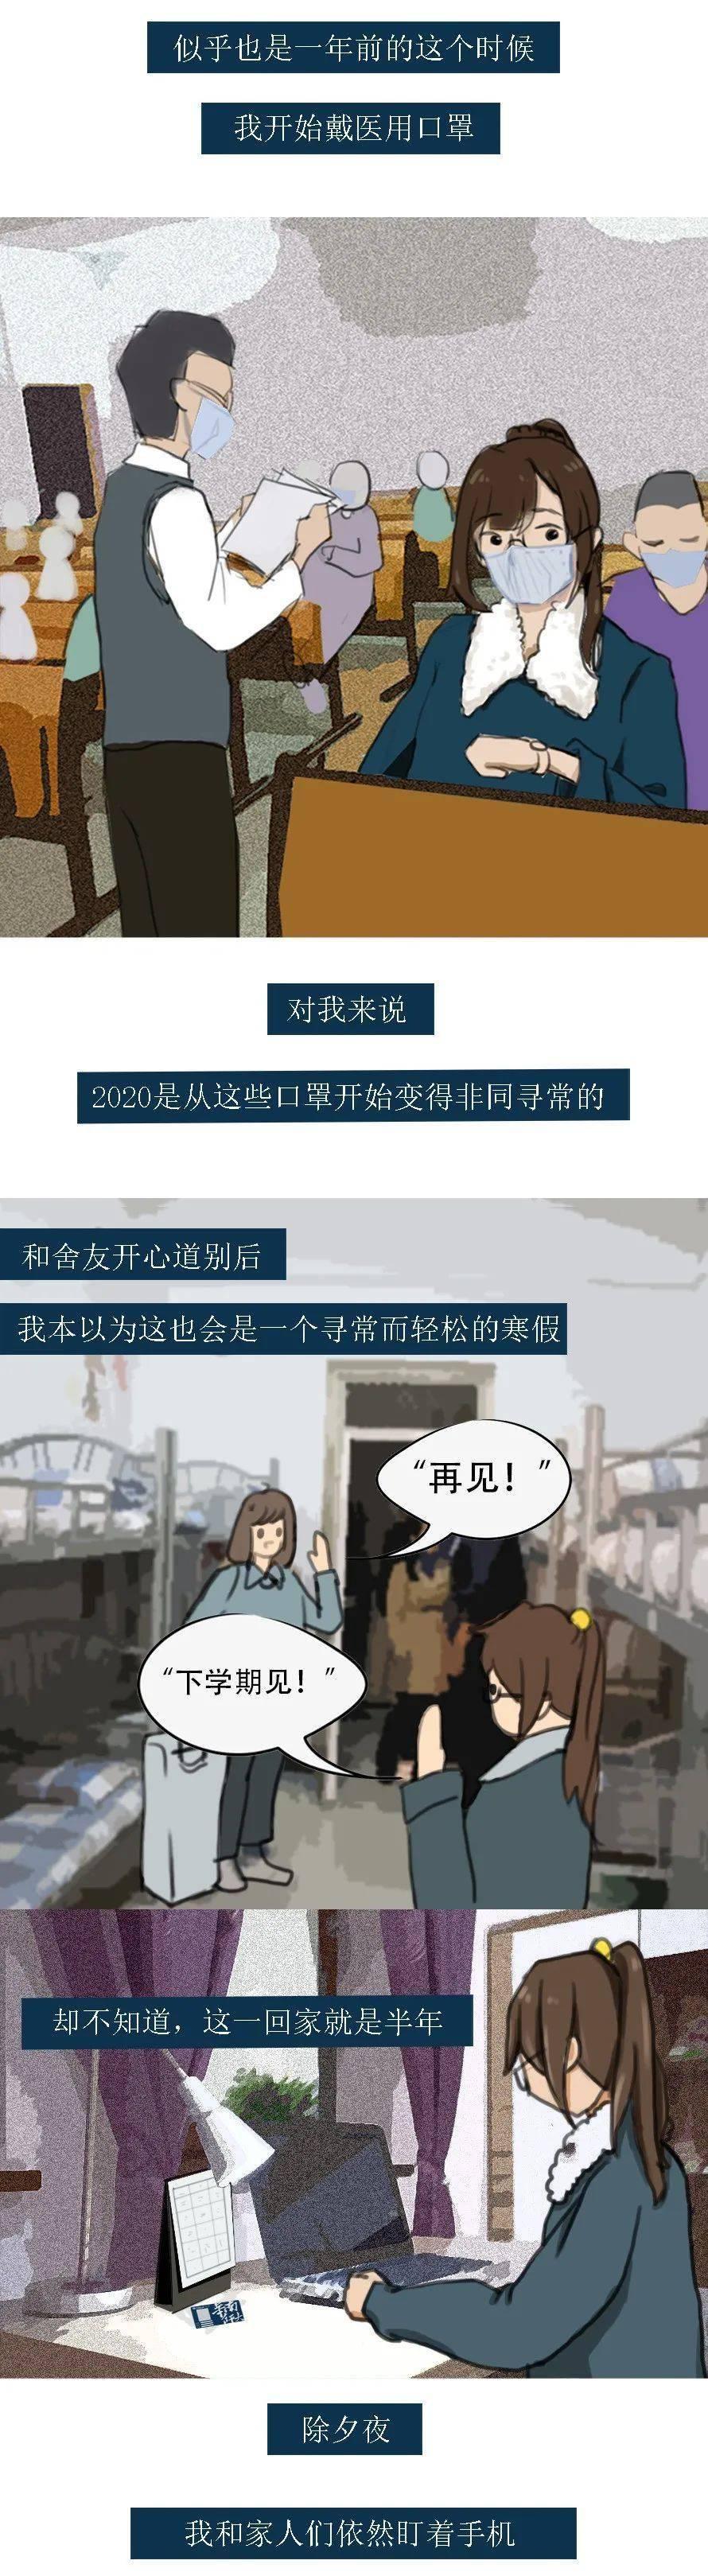 在中国师范大学,我们又出发了